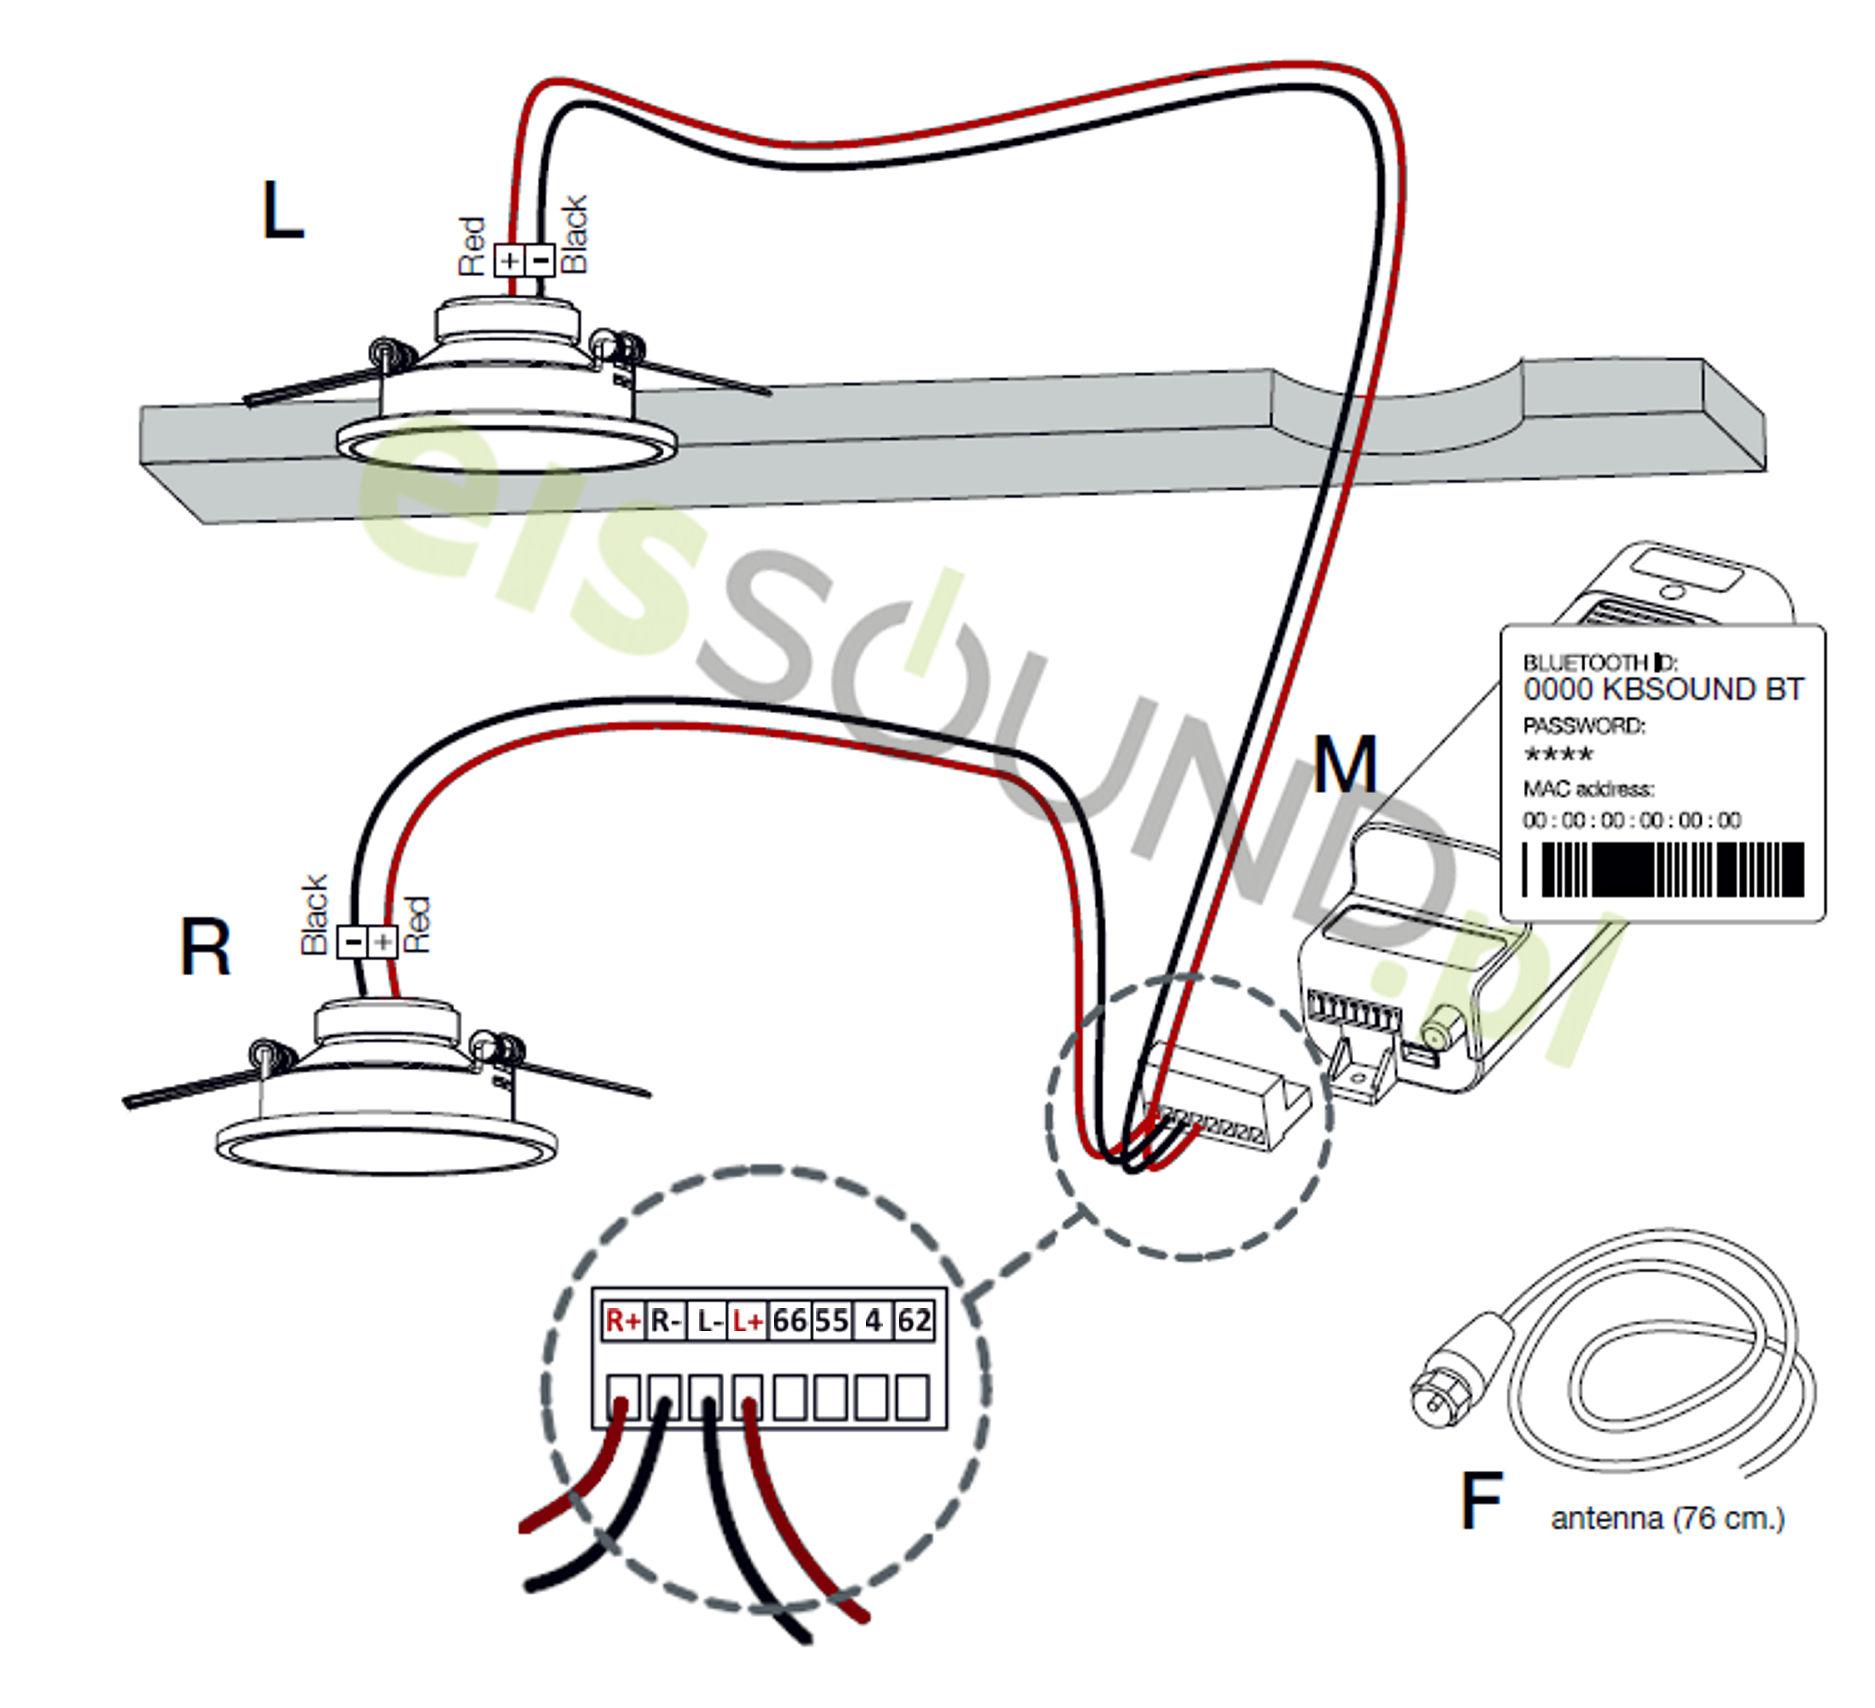 schemat podłączenia radia łazienkowego Select BT